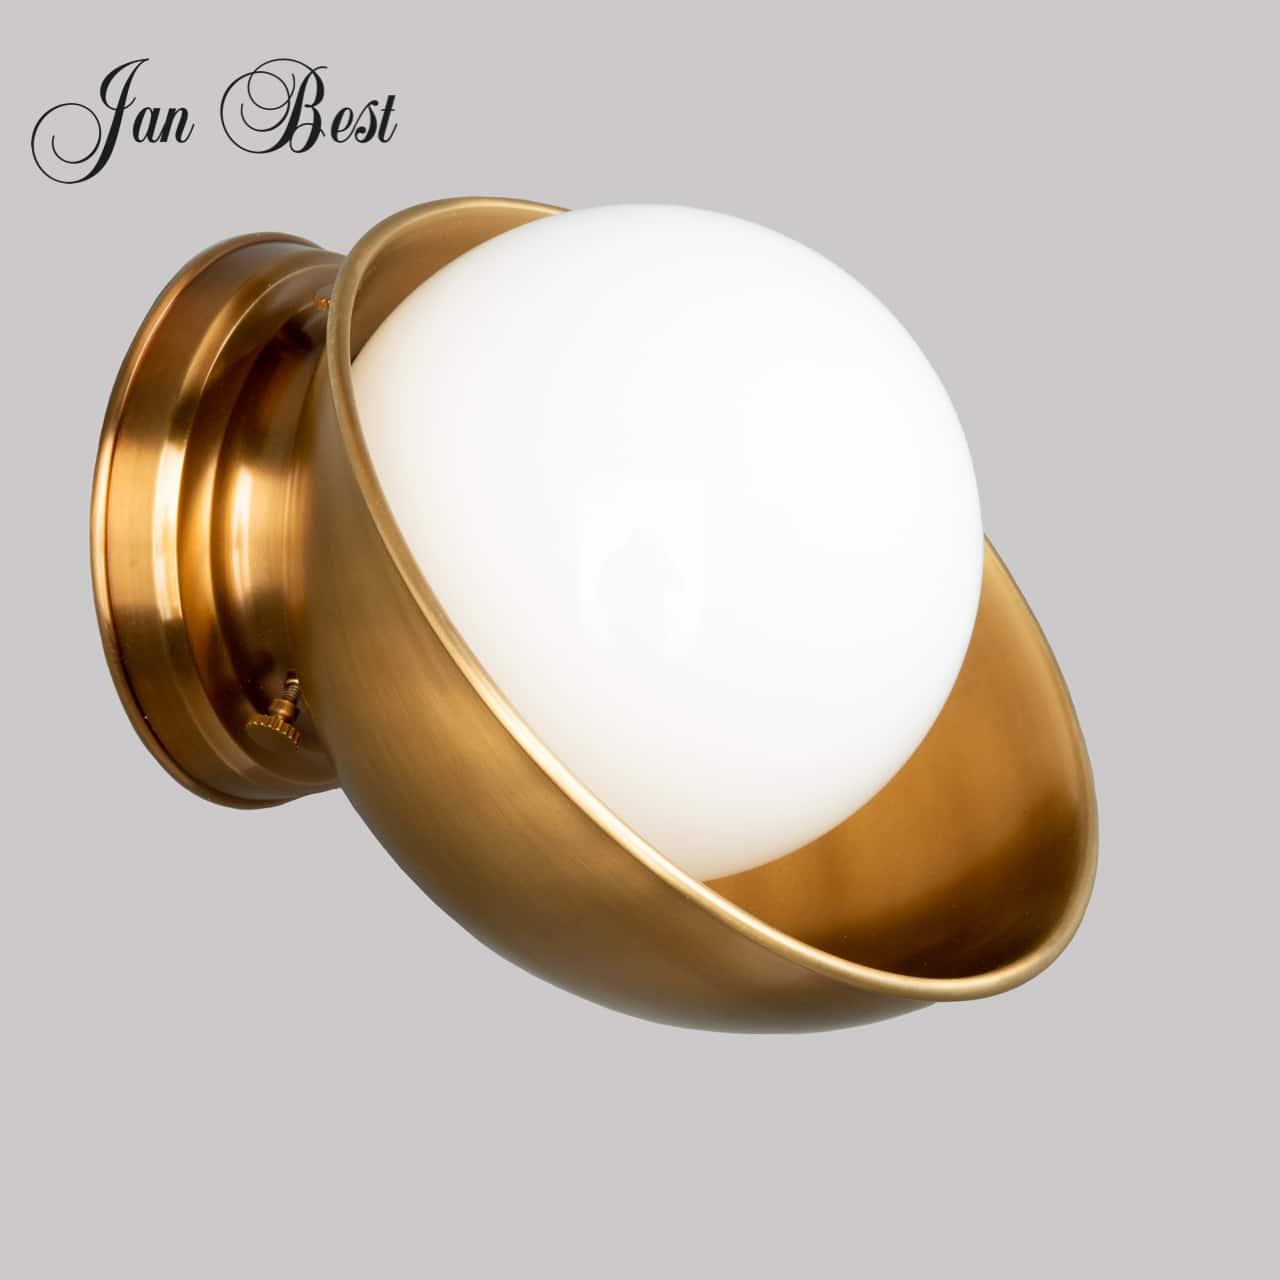 Jan-Best-wandlamp-messing-brons-nostalgische-klassieke-vintage-landelijke-horeca-verlichting-aalsmeer